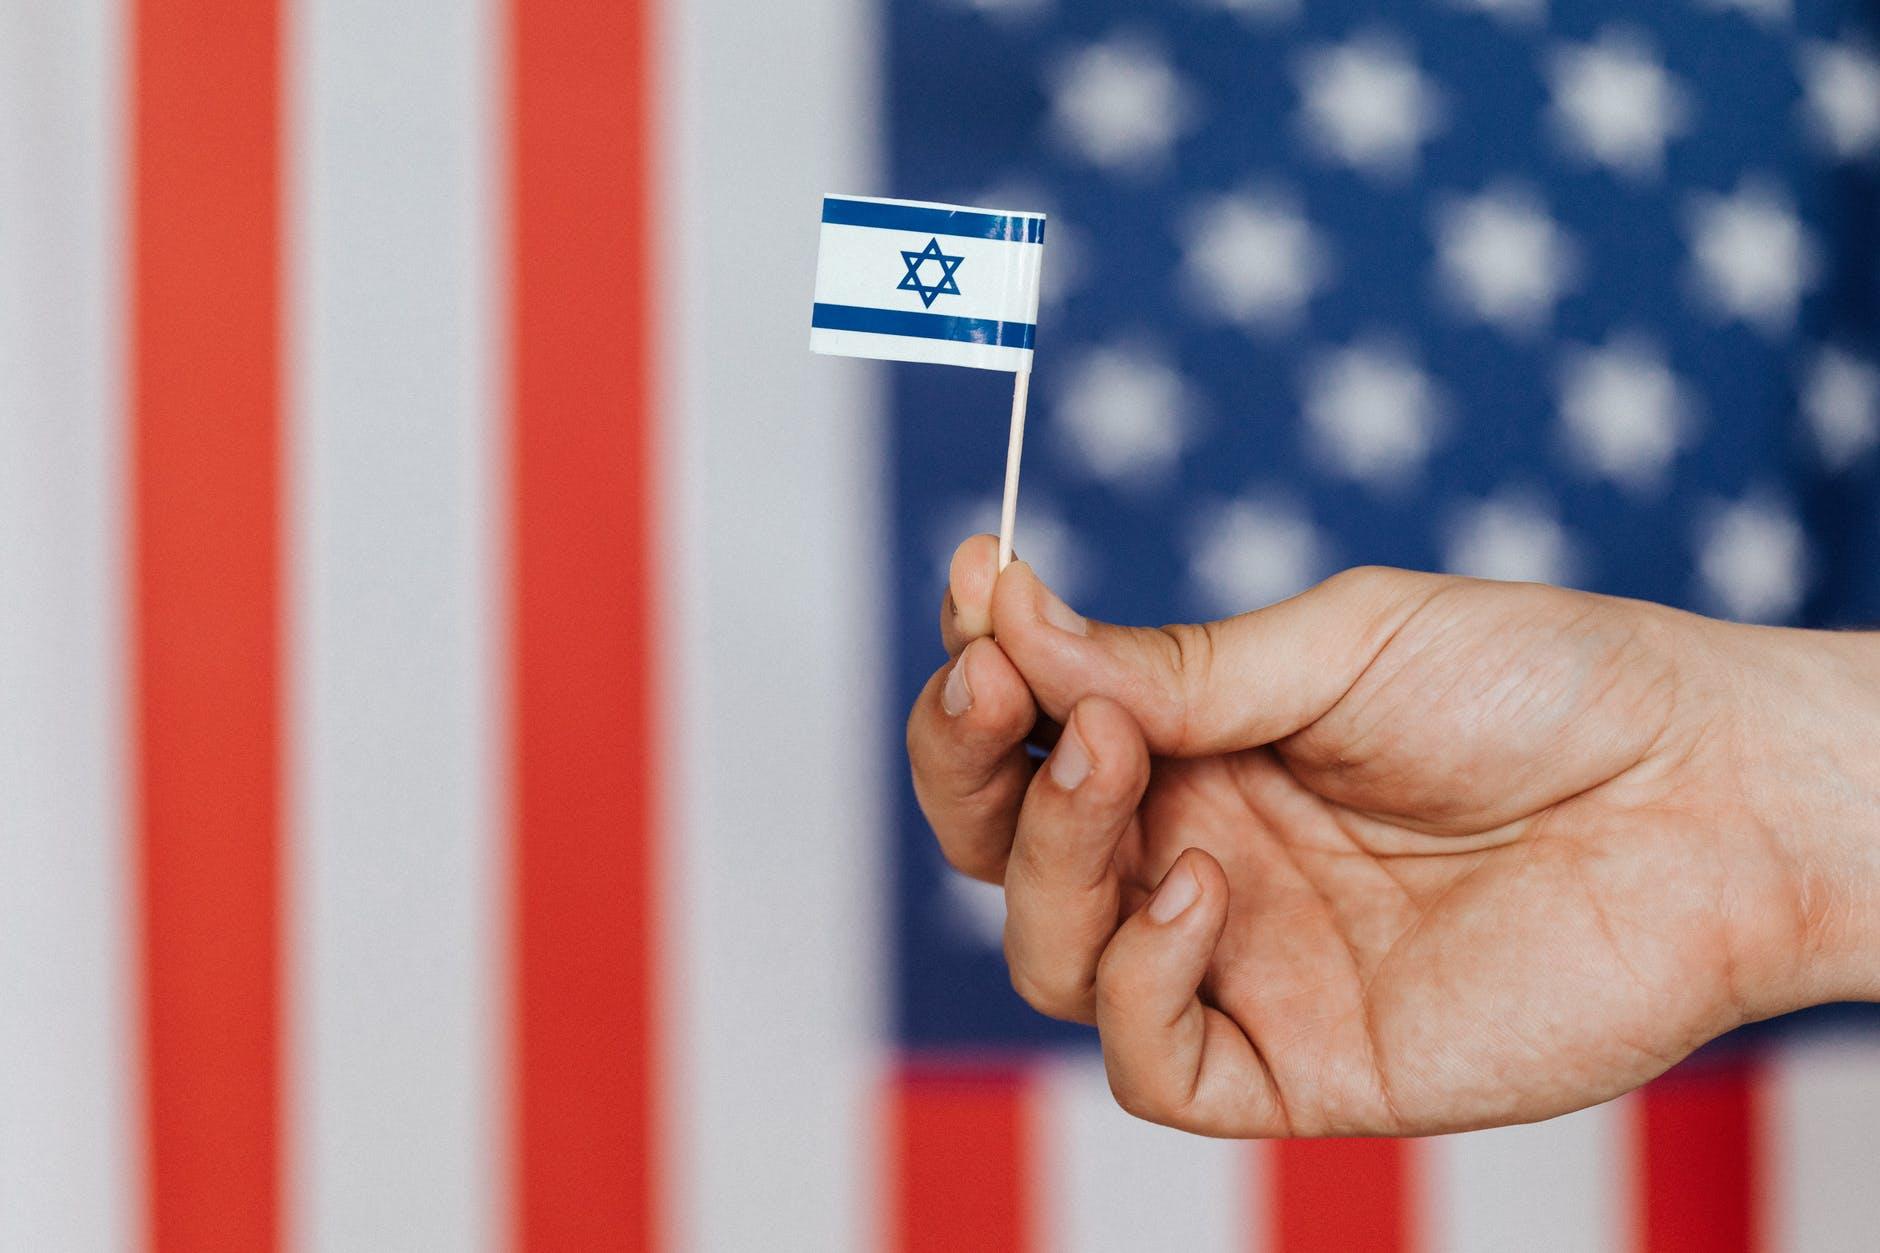 Thomas Nides lesz az Egyesült Államok izraeli nagykövete